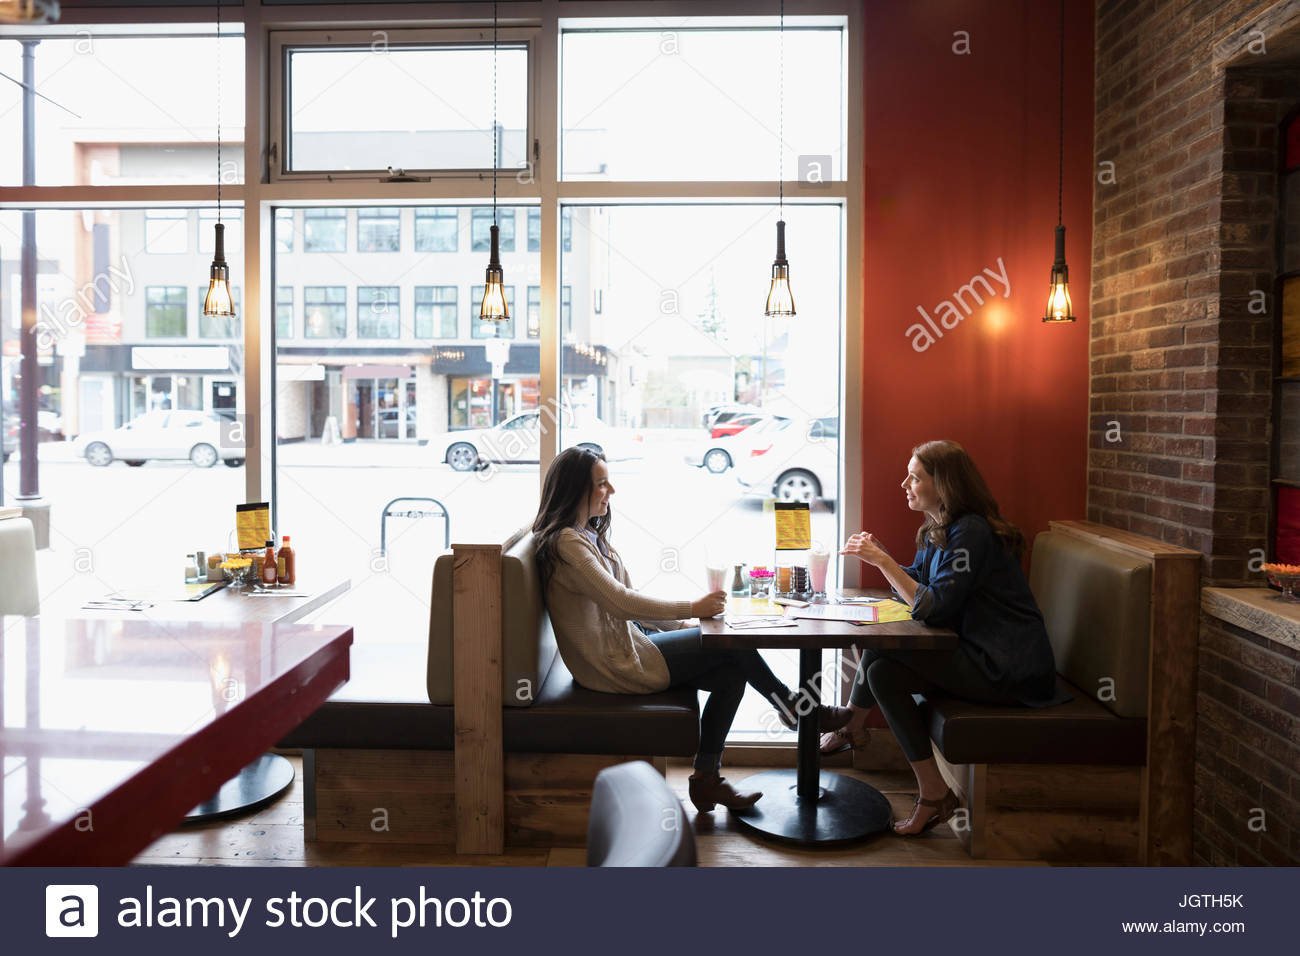 Mutter und Tochter im Teenageralter sprechen, Essen am Imbiss-Stand Stockbild